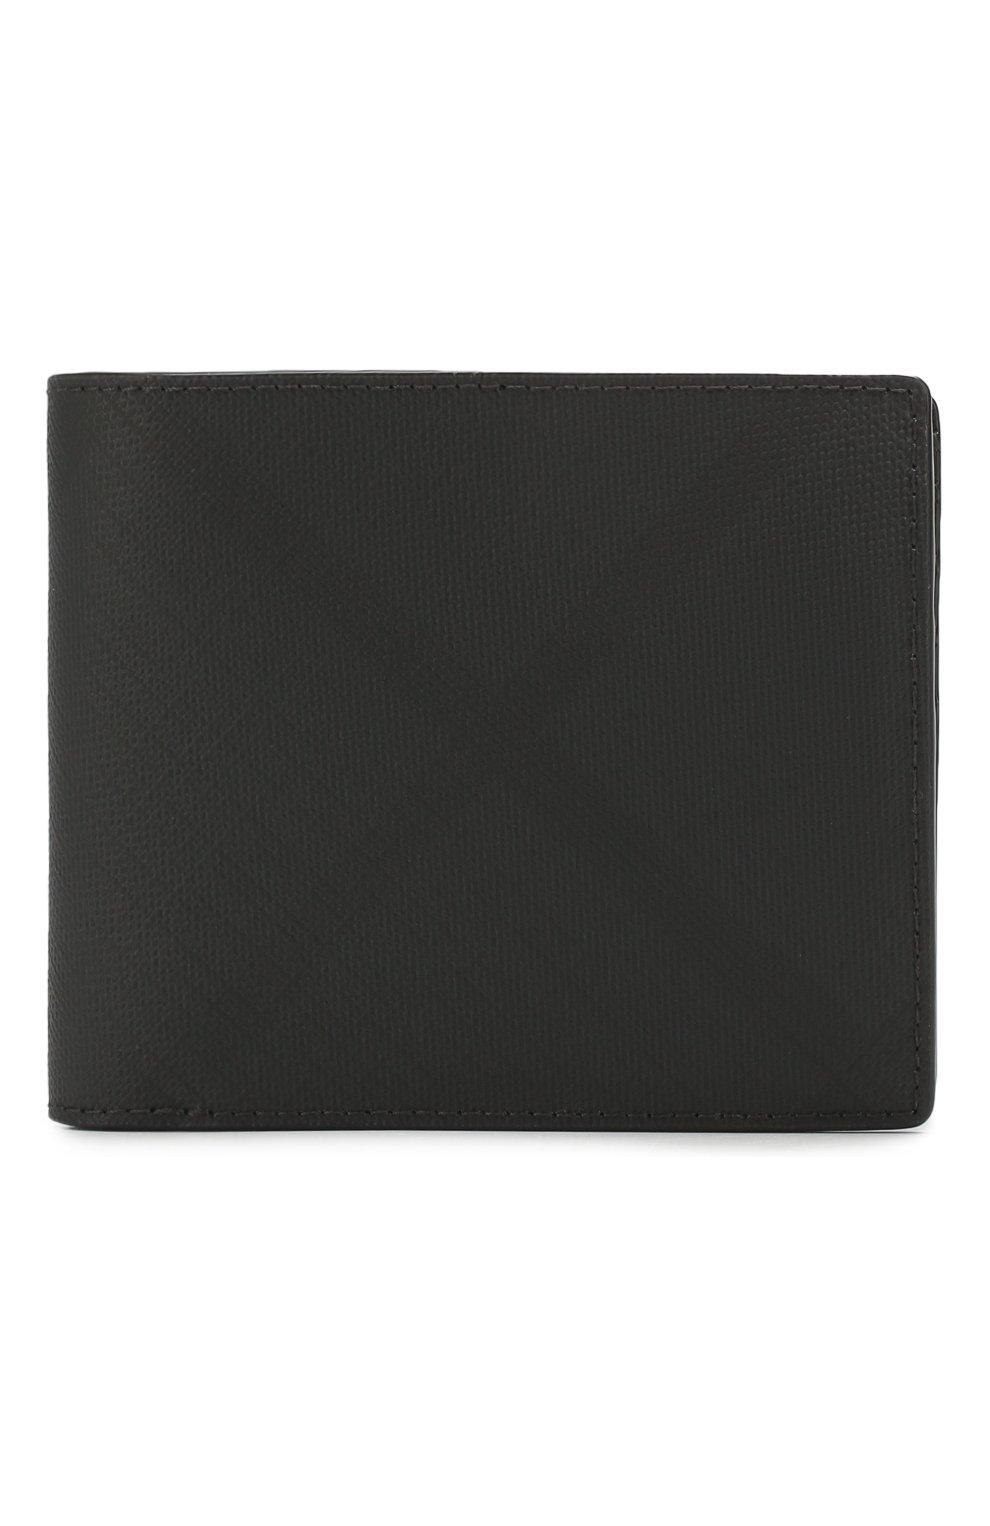 Мужской комплект из портмоне и футляра для кредитных карт BURBERRY темно-серого цвета, арт. 8014527   Фото 1